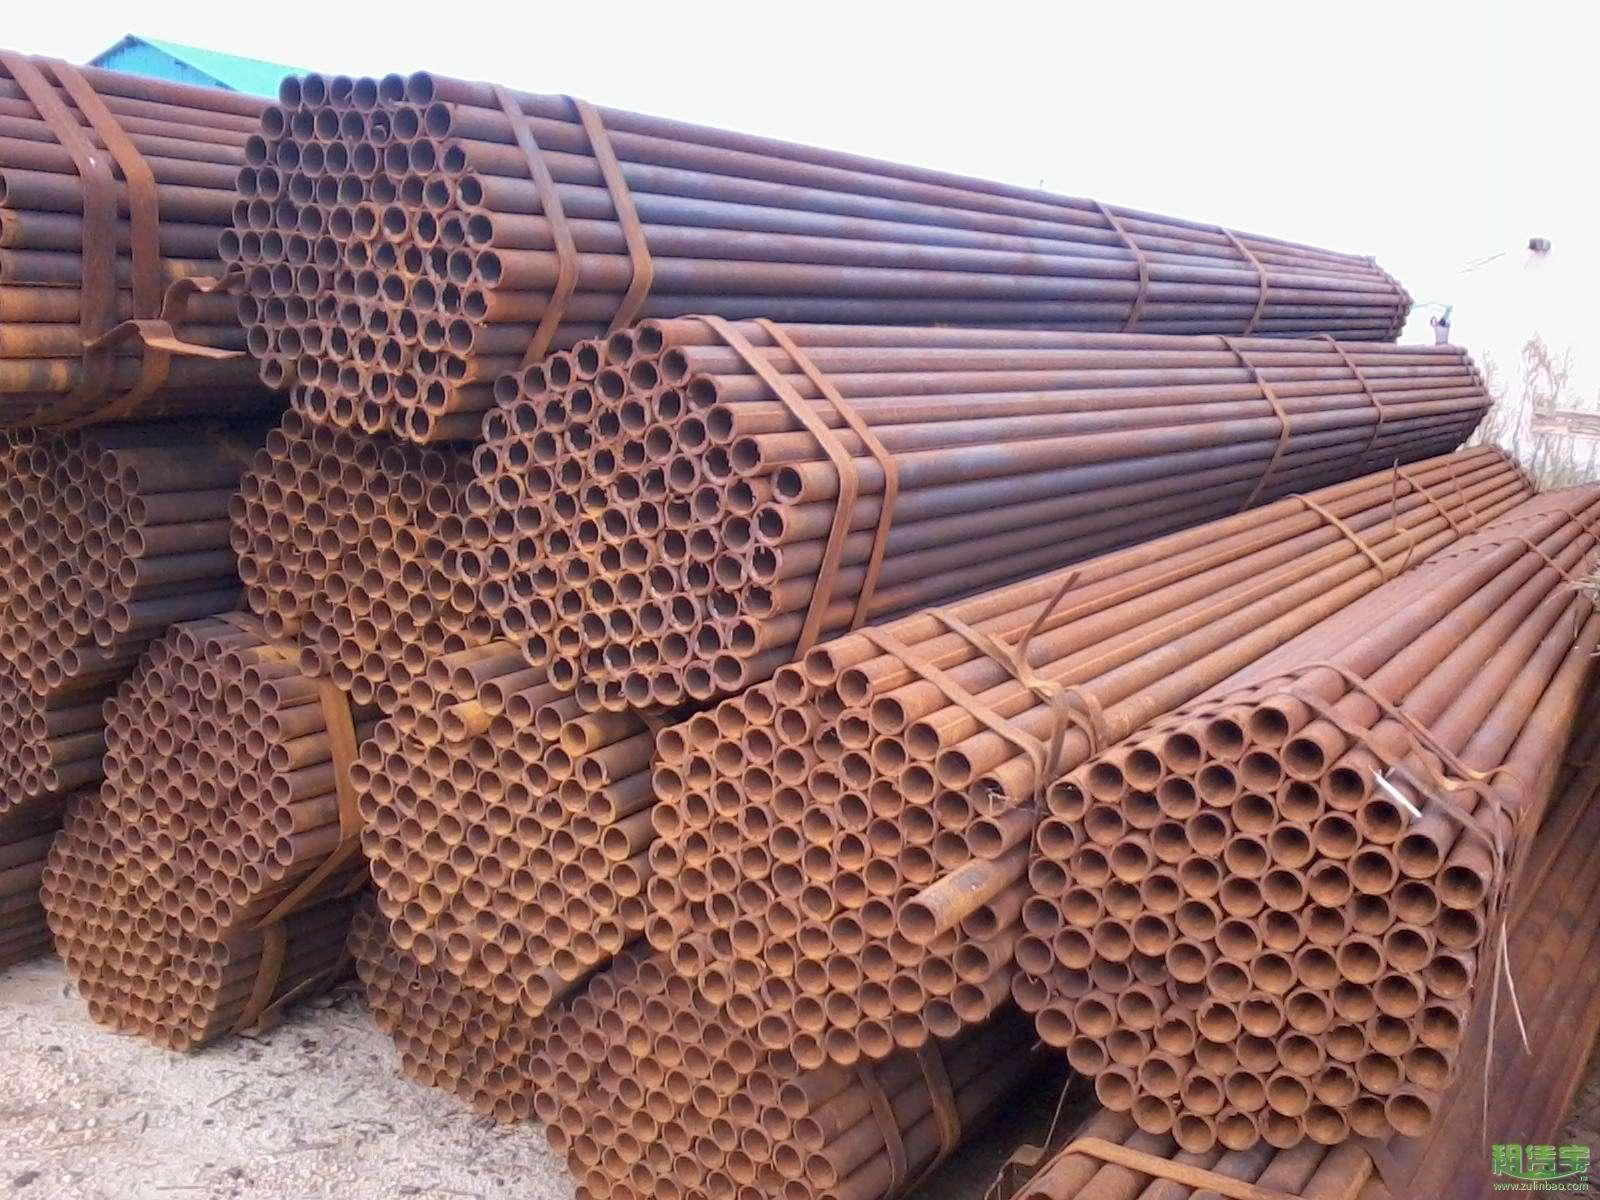 新疆钢管厂家